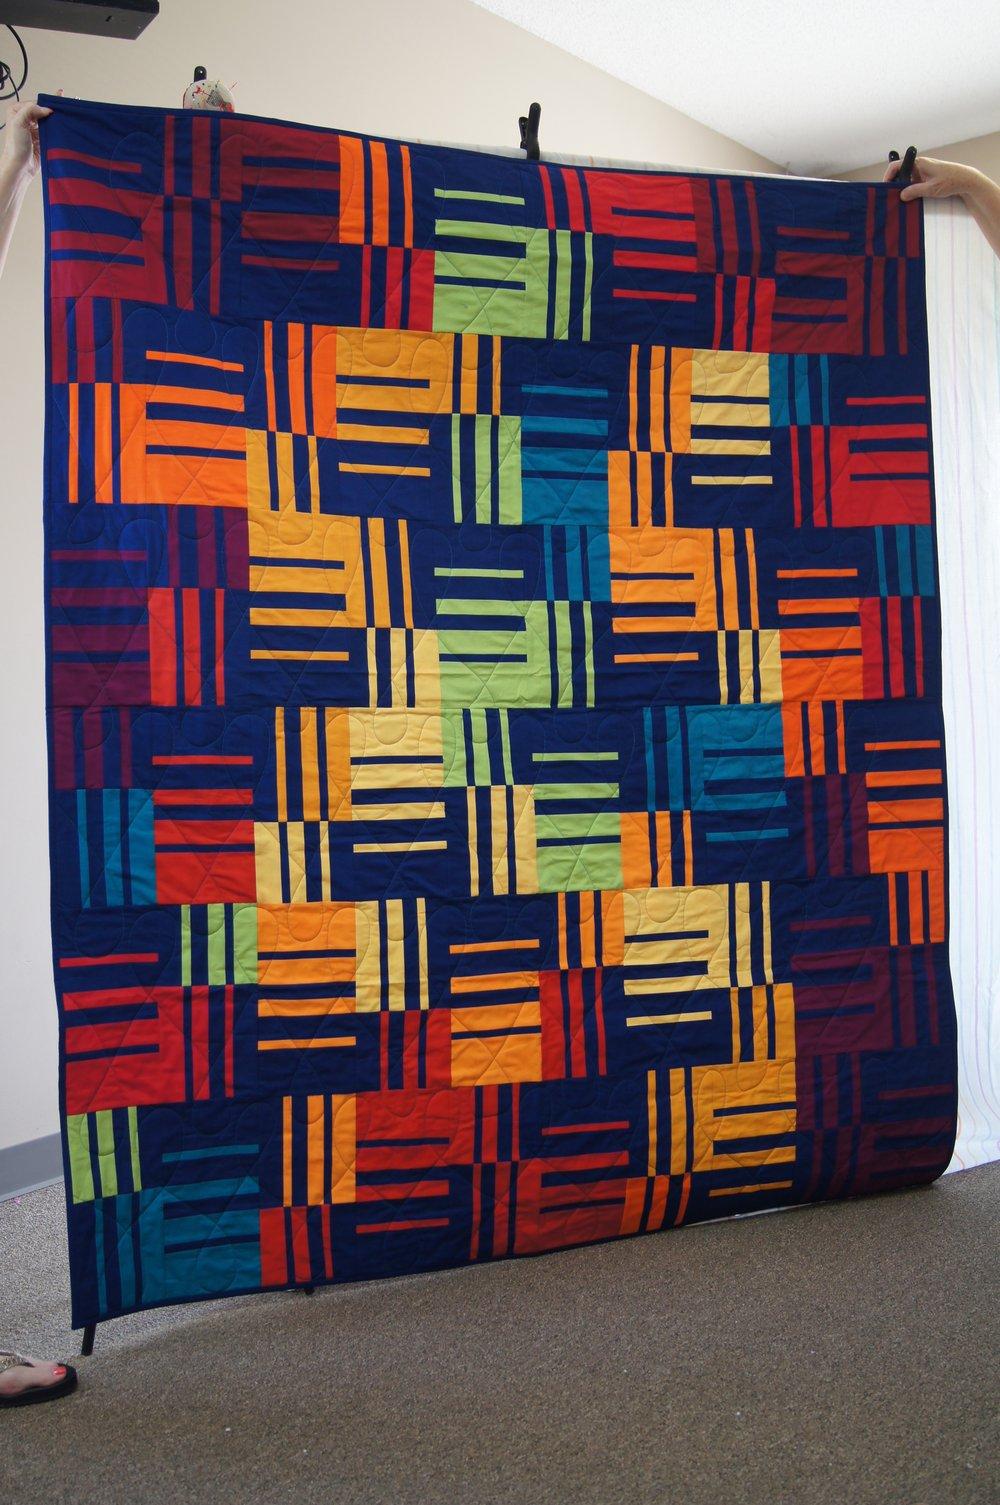 Knee Socks quilt block pattern by Elizabeth Hartman